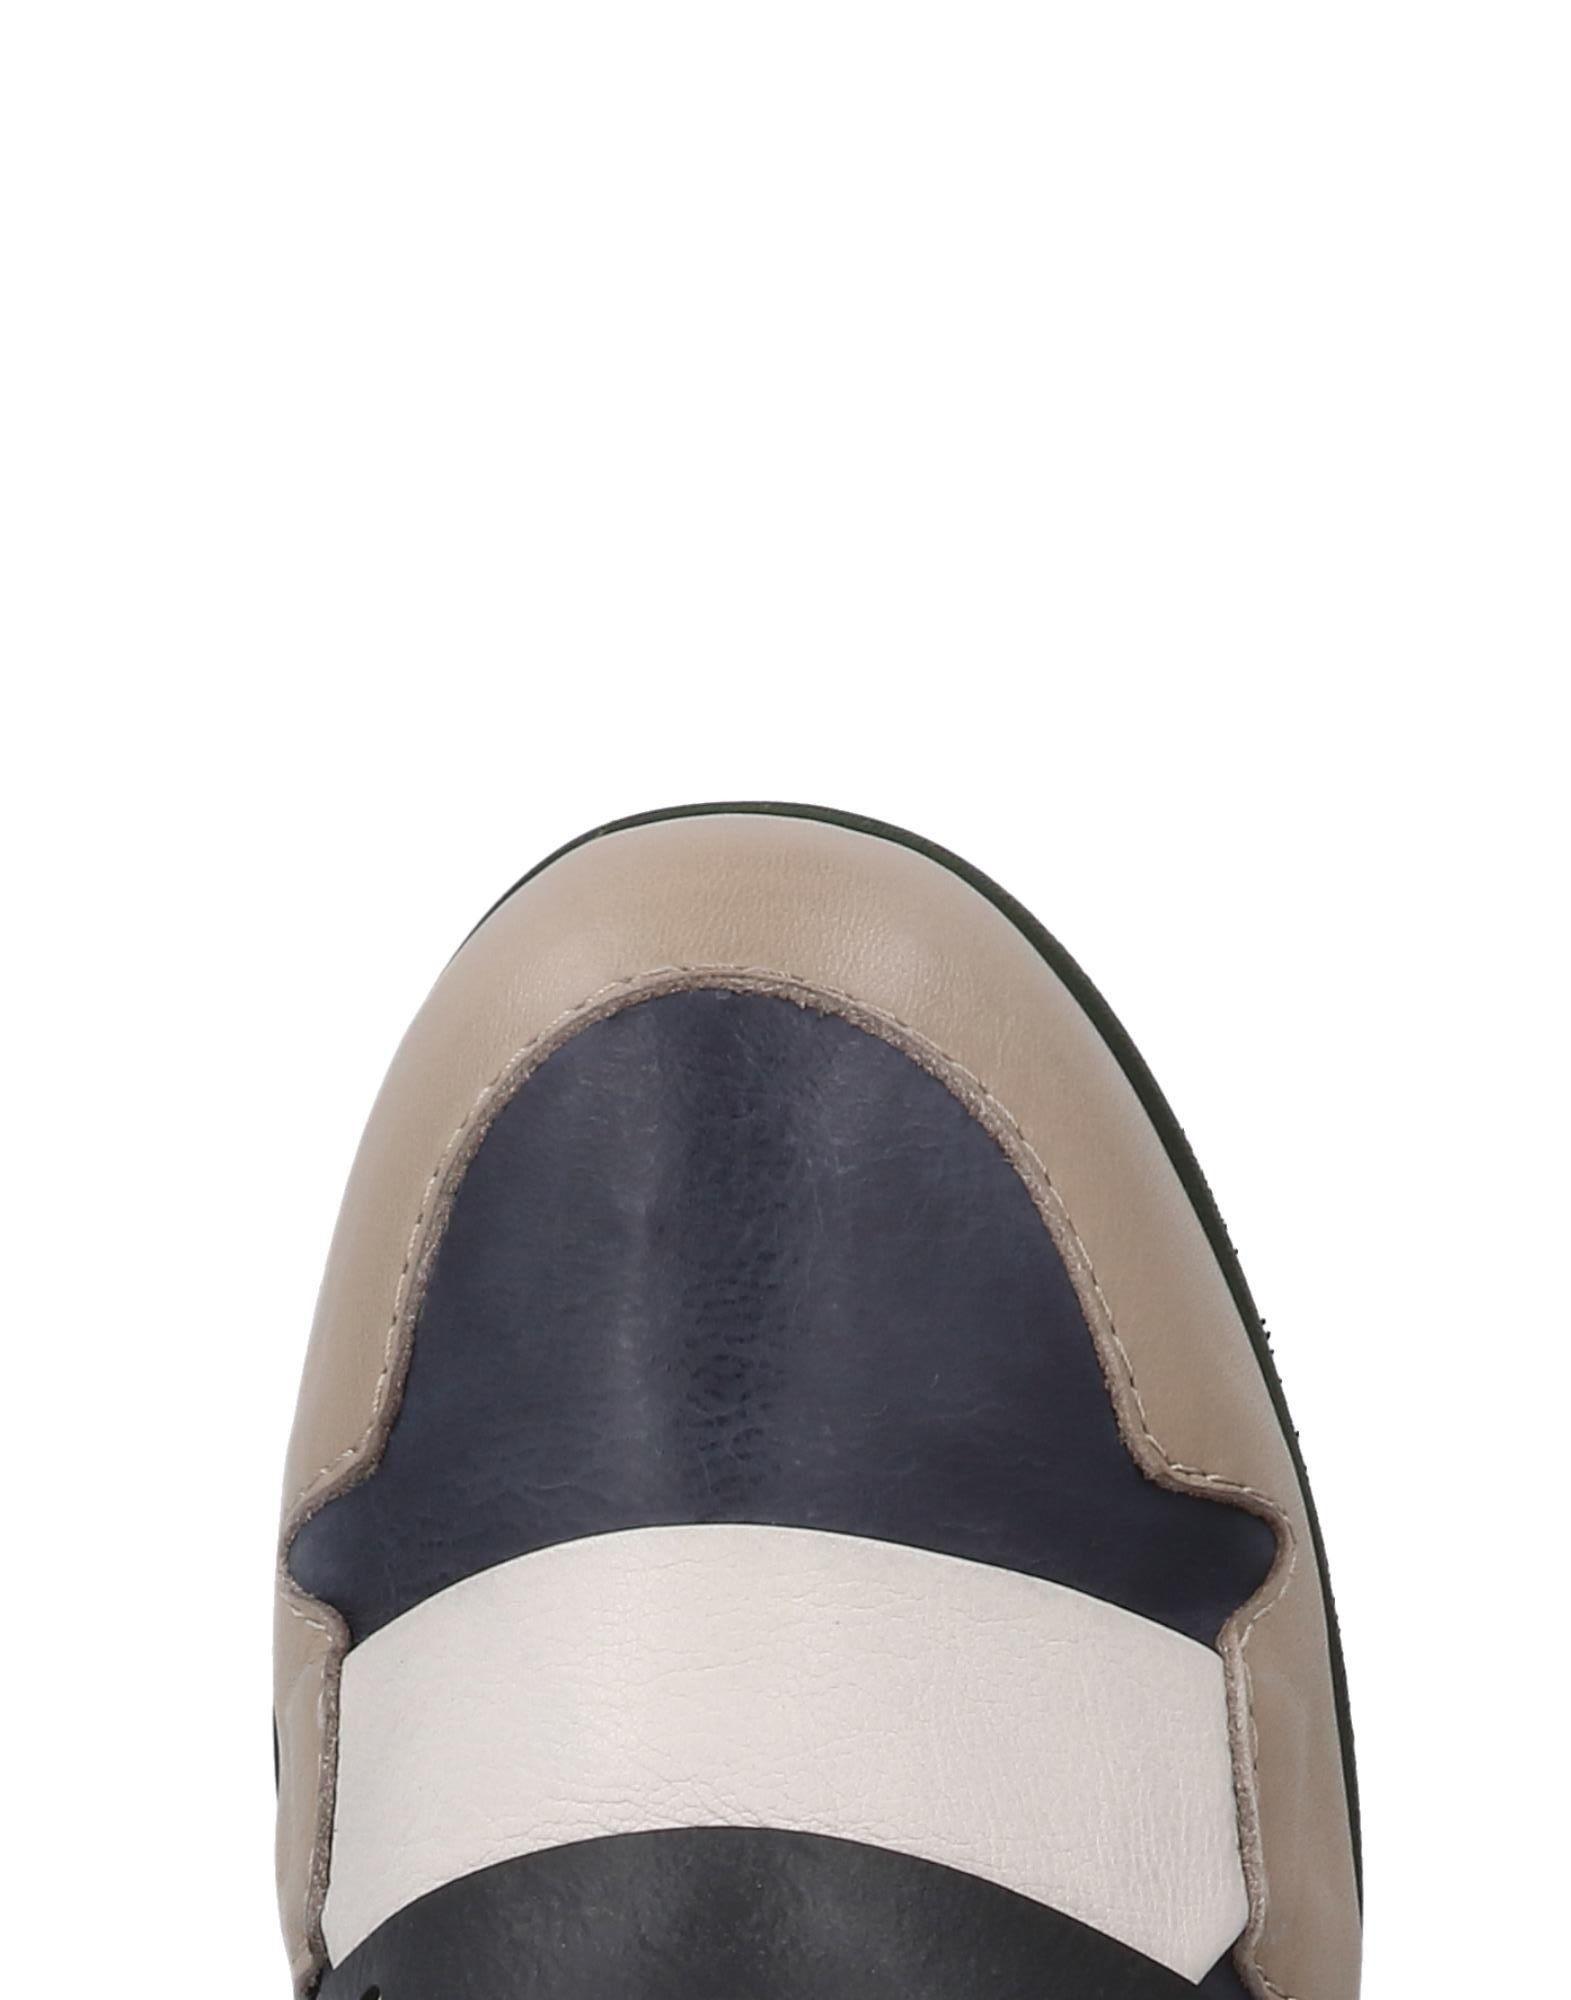 Malloni Malloni  Sneakers Herren  11493339SH 4874d5